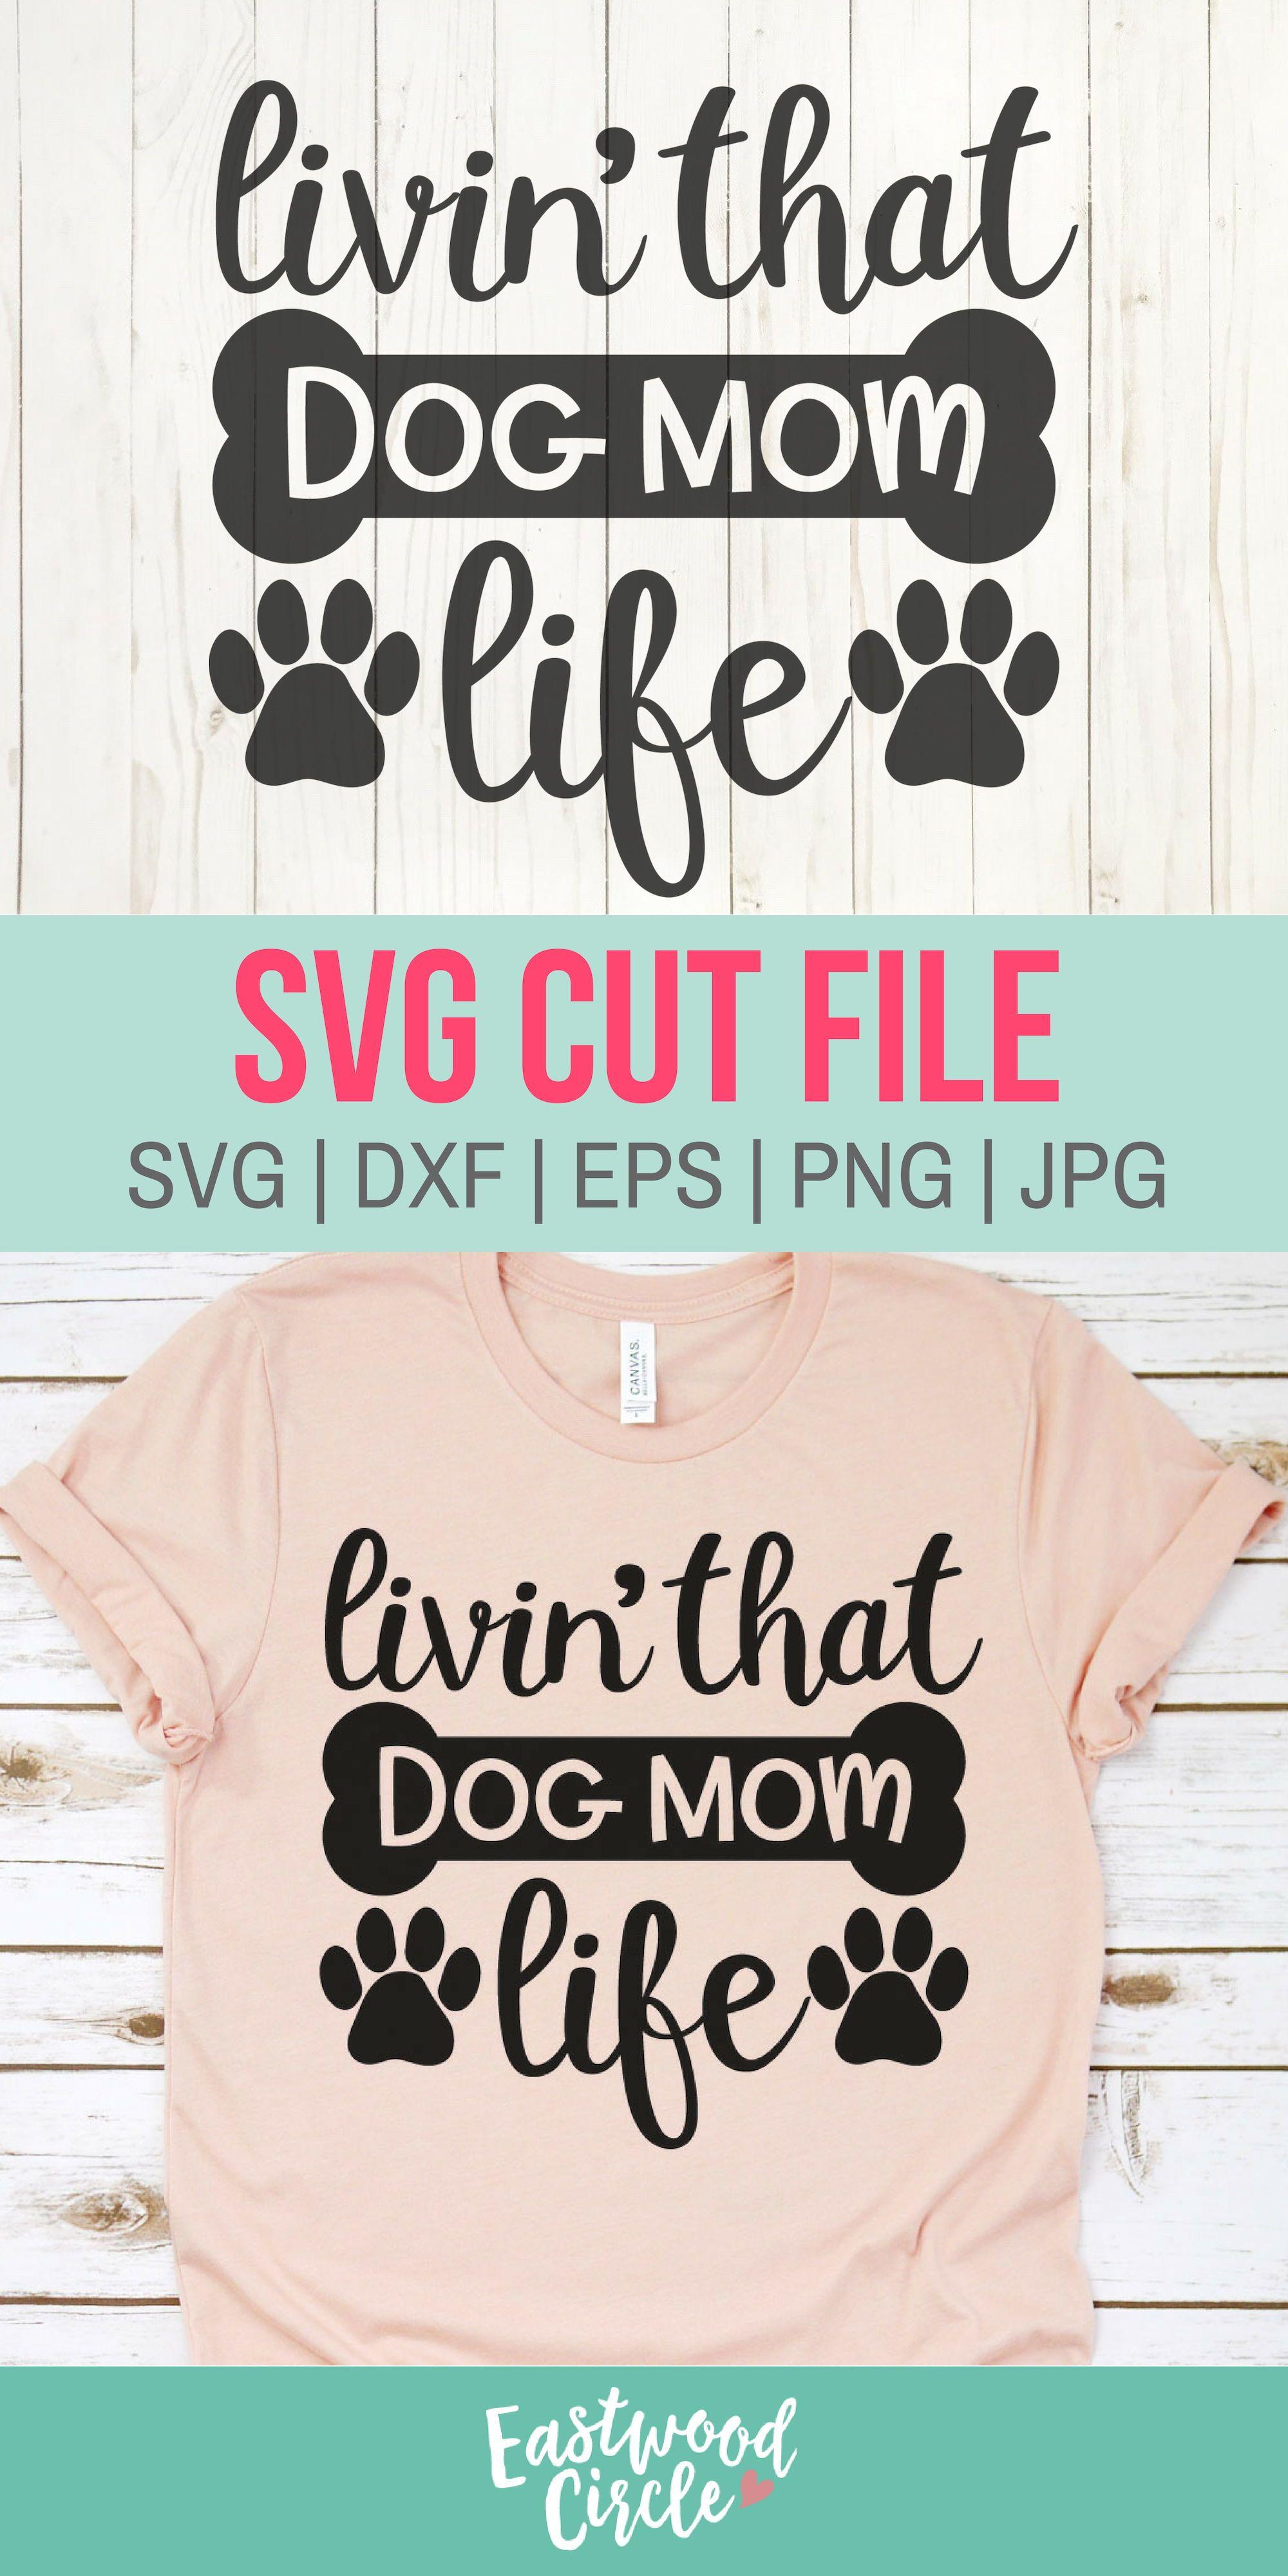 Livin That Dog Mom Life svg, Dog Mom svg, Dog svg, Dog svg